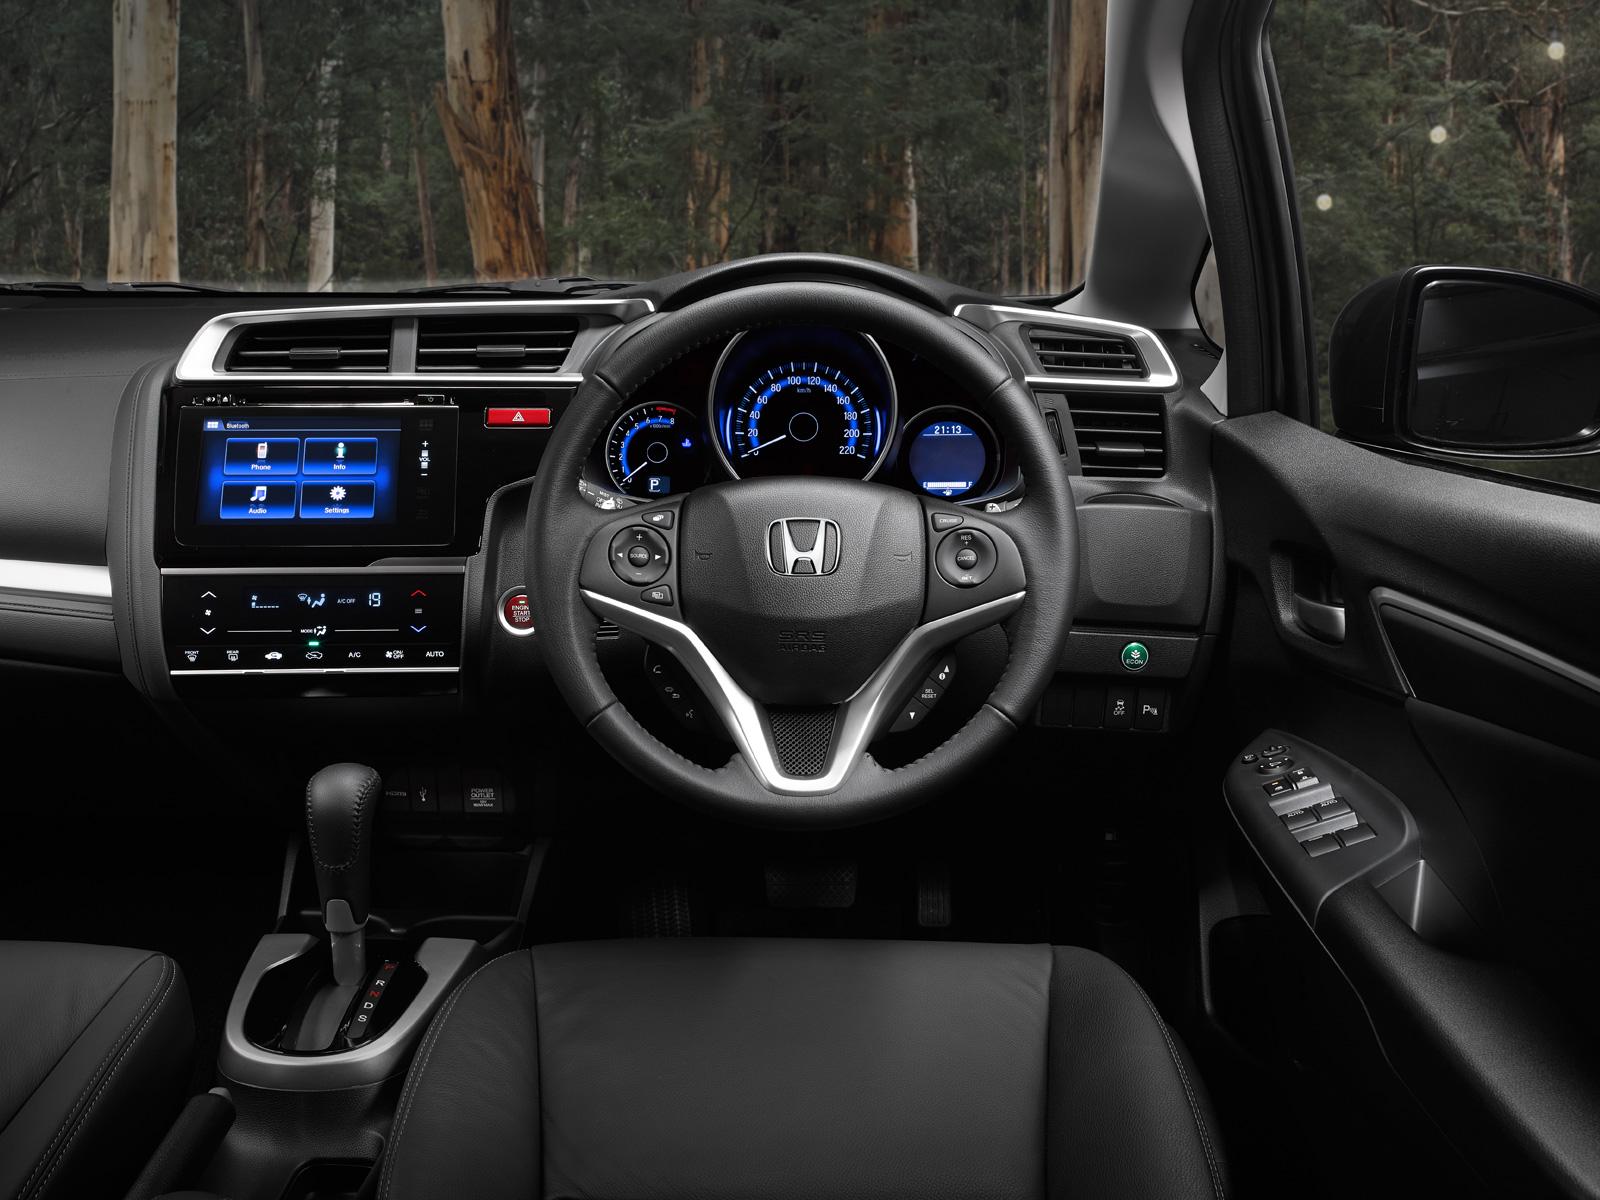 2015 Honda Jazz interiors